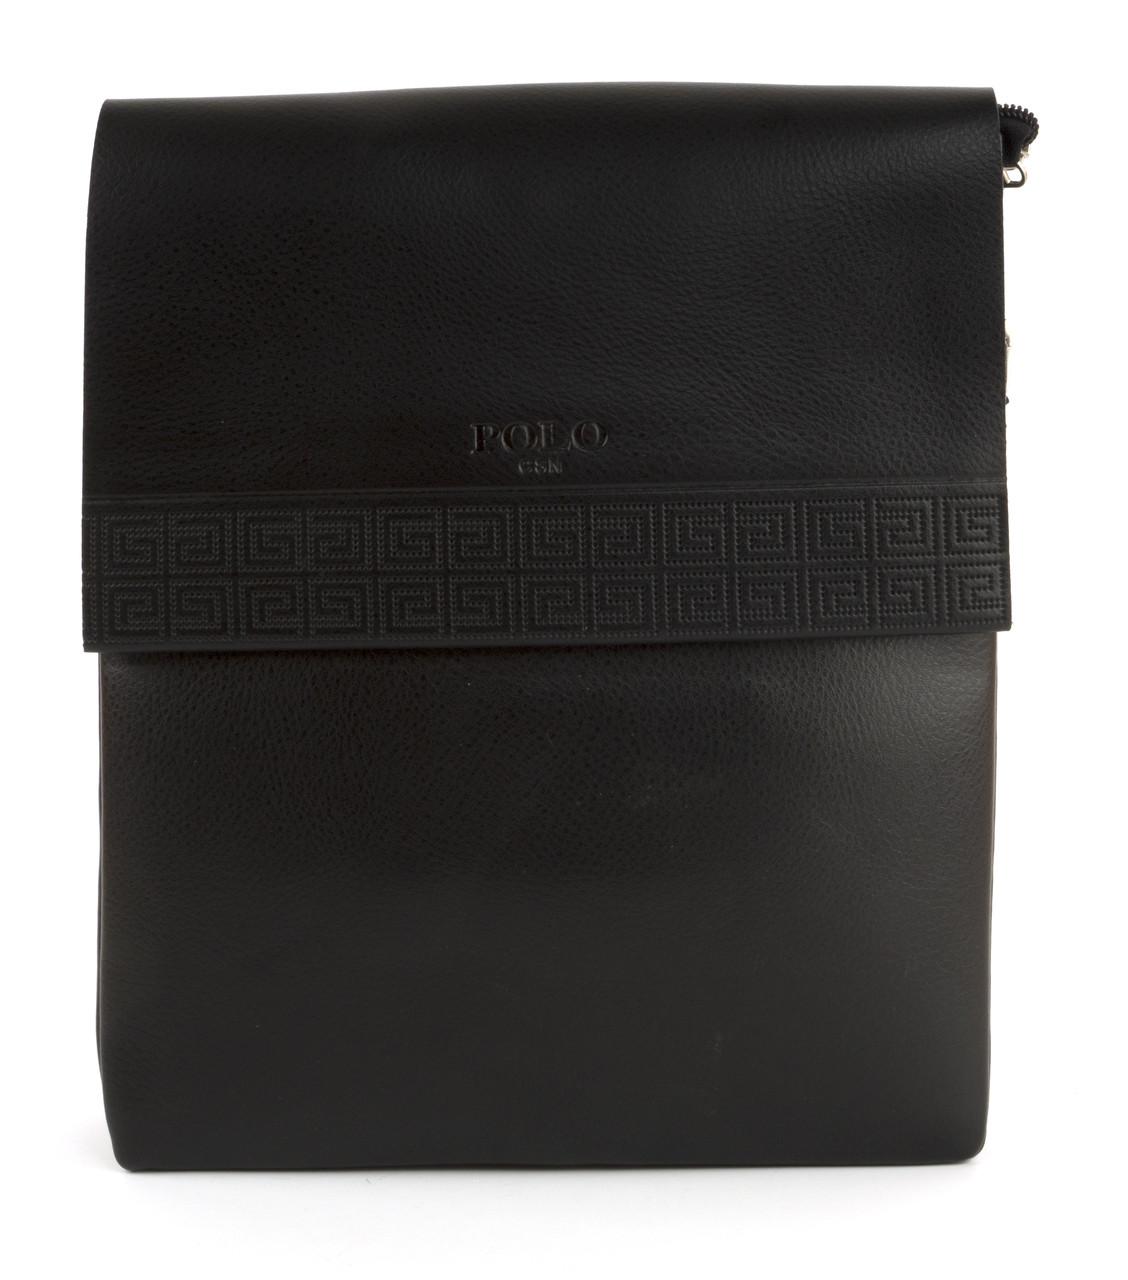 Качественная мужская вместительная сумка с прочной PU кожи POLO art. 352-3